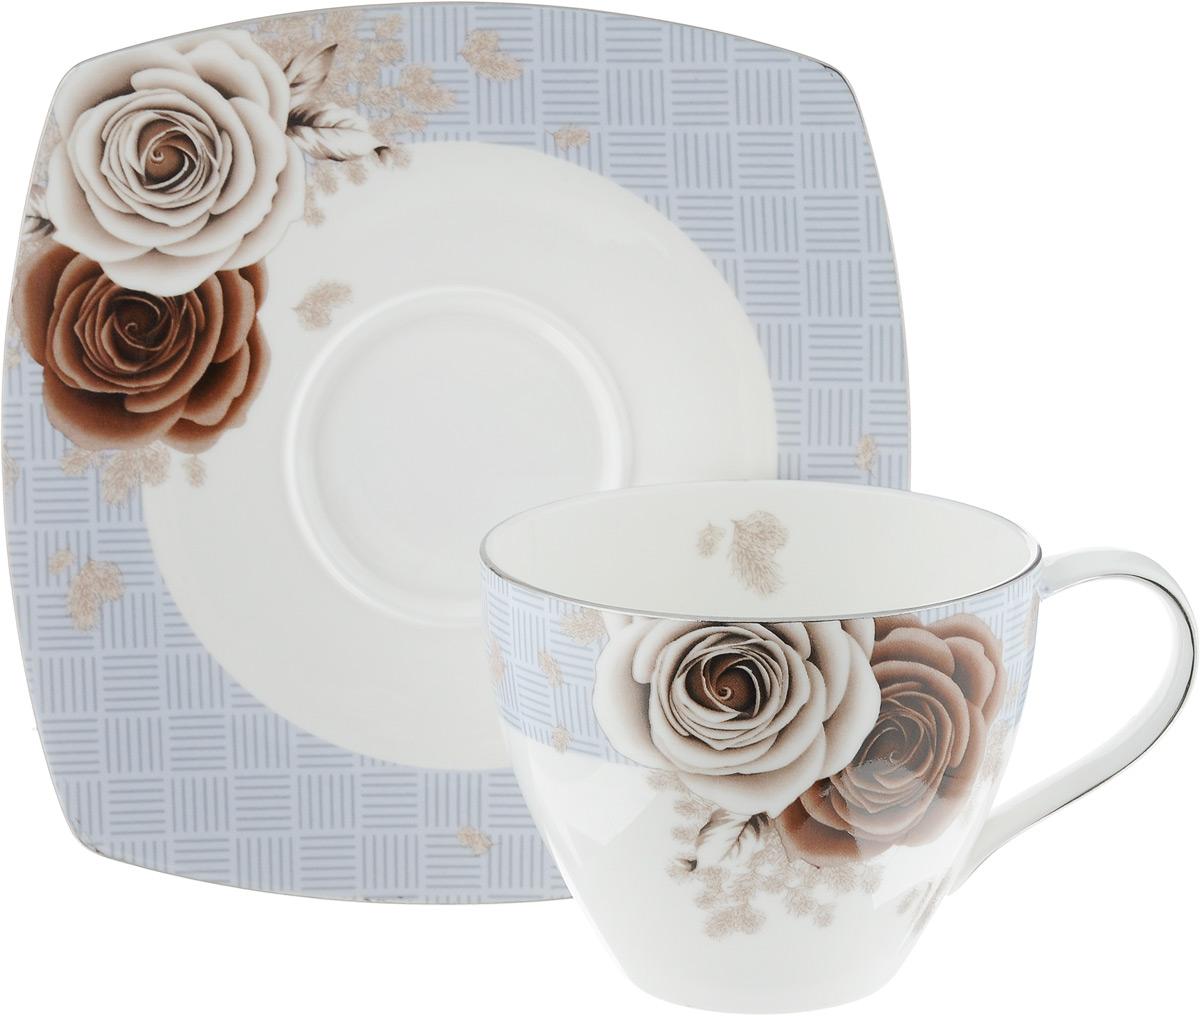 Чайная пара Дэниш, 2 предметаPR7983Чайная пара Дэниш состоит из чашки и блюдца, изготовленных из высококачественного фарфора. Красочность оформления придется по вкусу ценителям утонченности и изысканности. Диаметр чашки по верхнему краю: 9 см. Высота чашки: 7 см. Объем чашки: 280 мл. Размер блюдца: 15,5 см х 15,5 см.